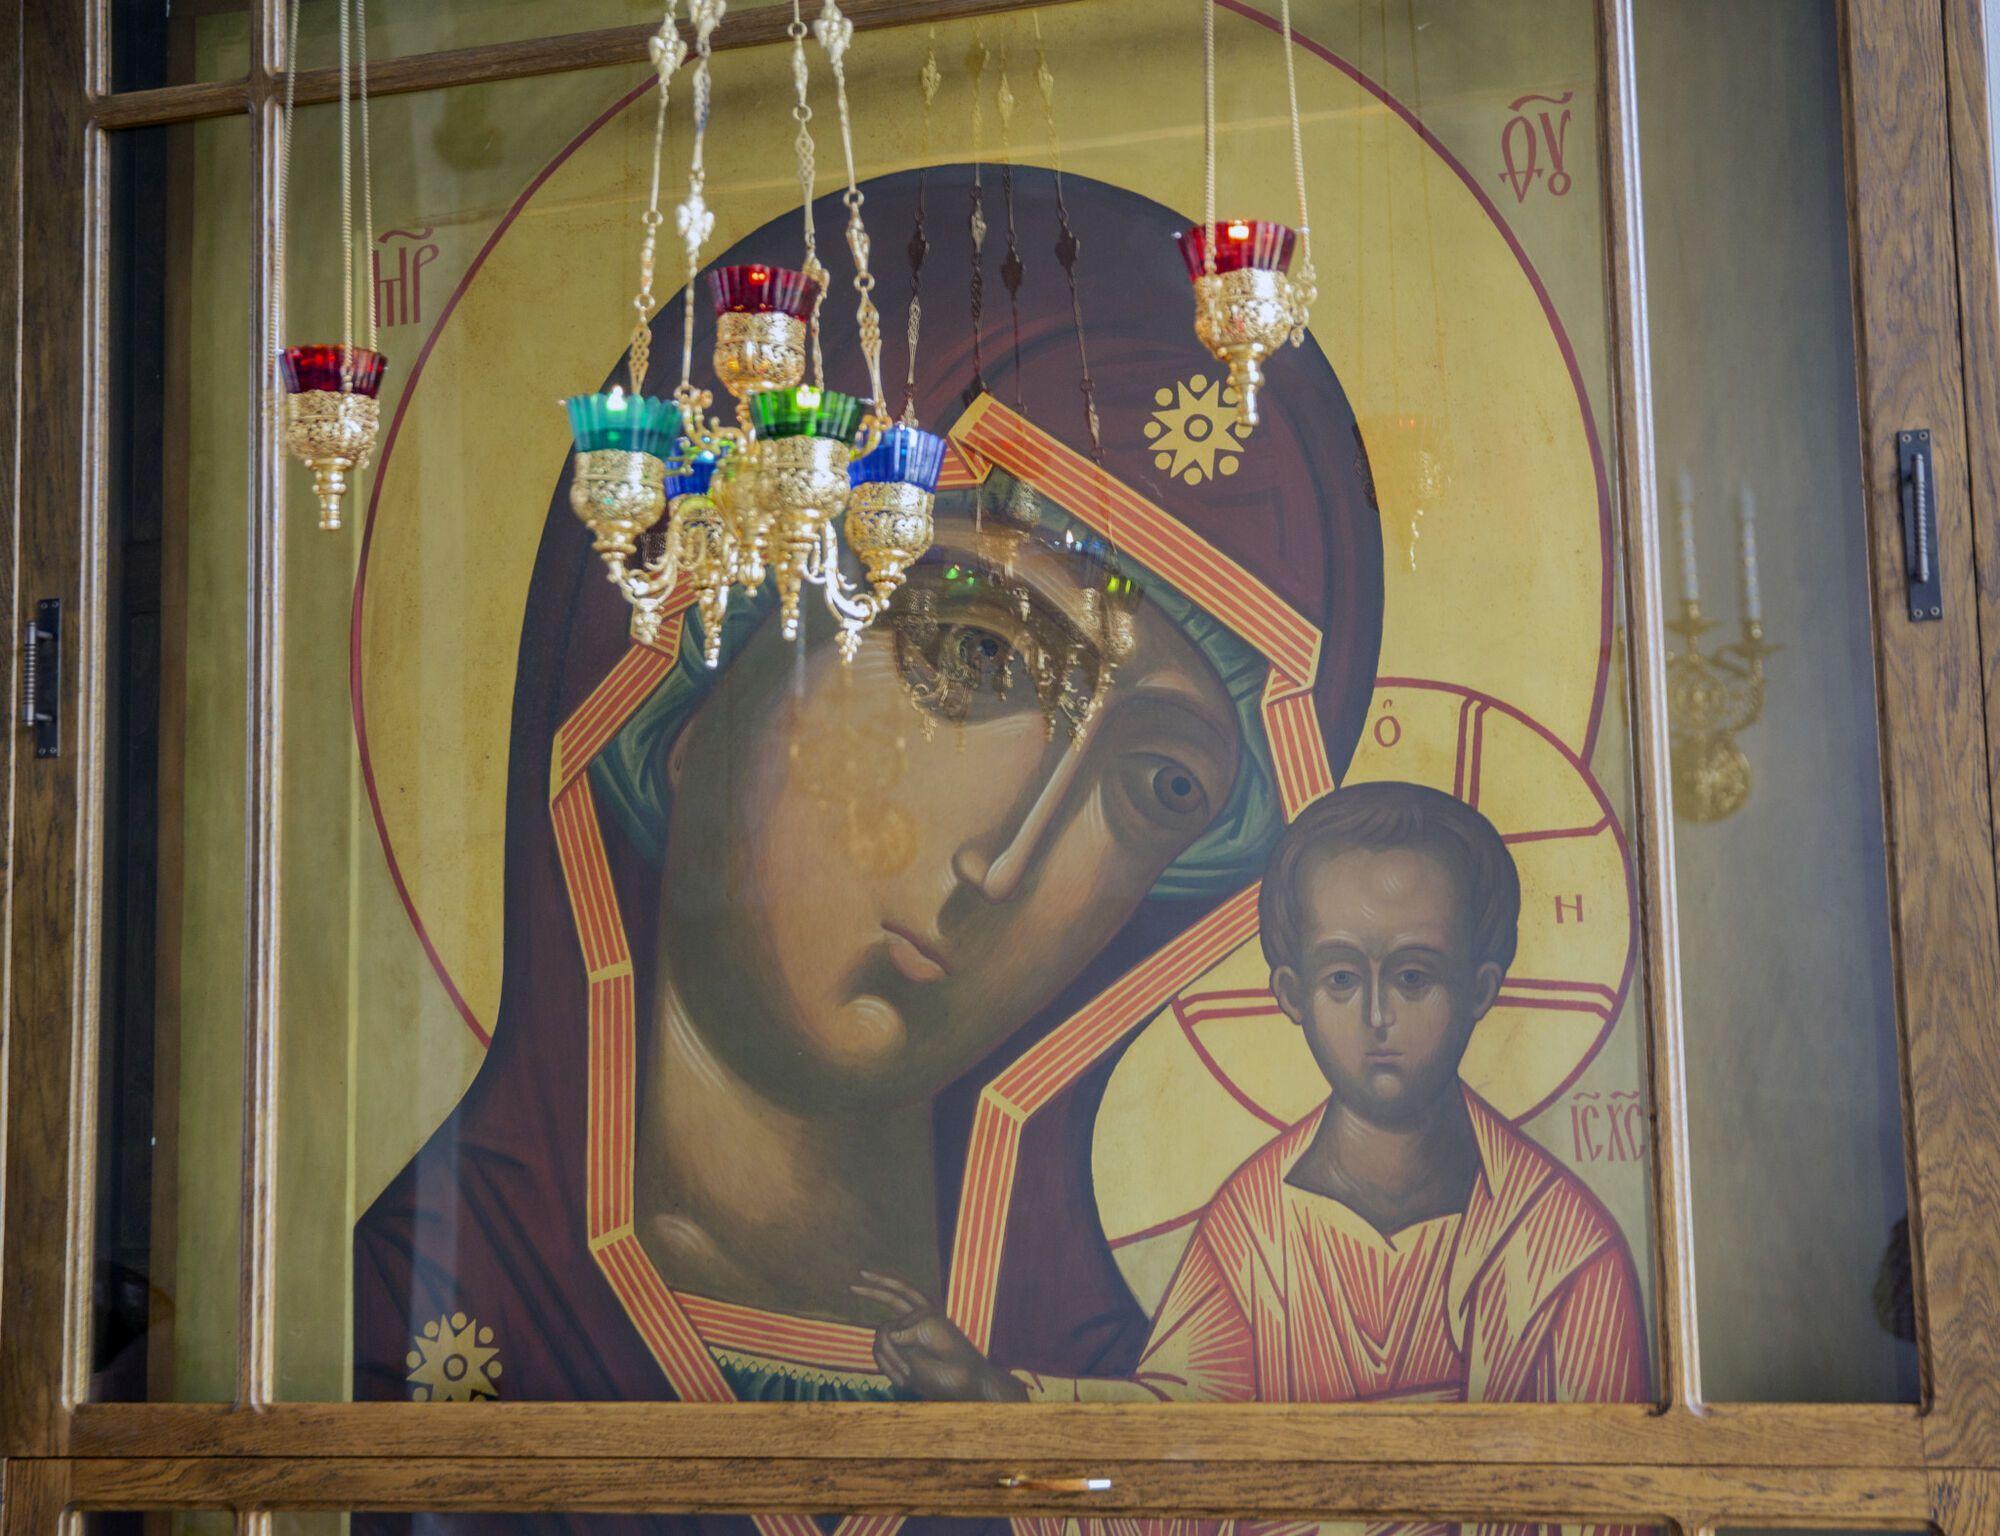 21 июля совершается празднование в память о явлении Казанской иконы Божьей Матери